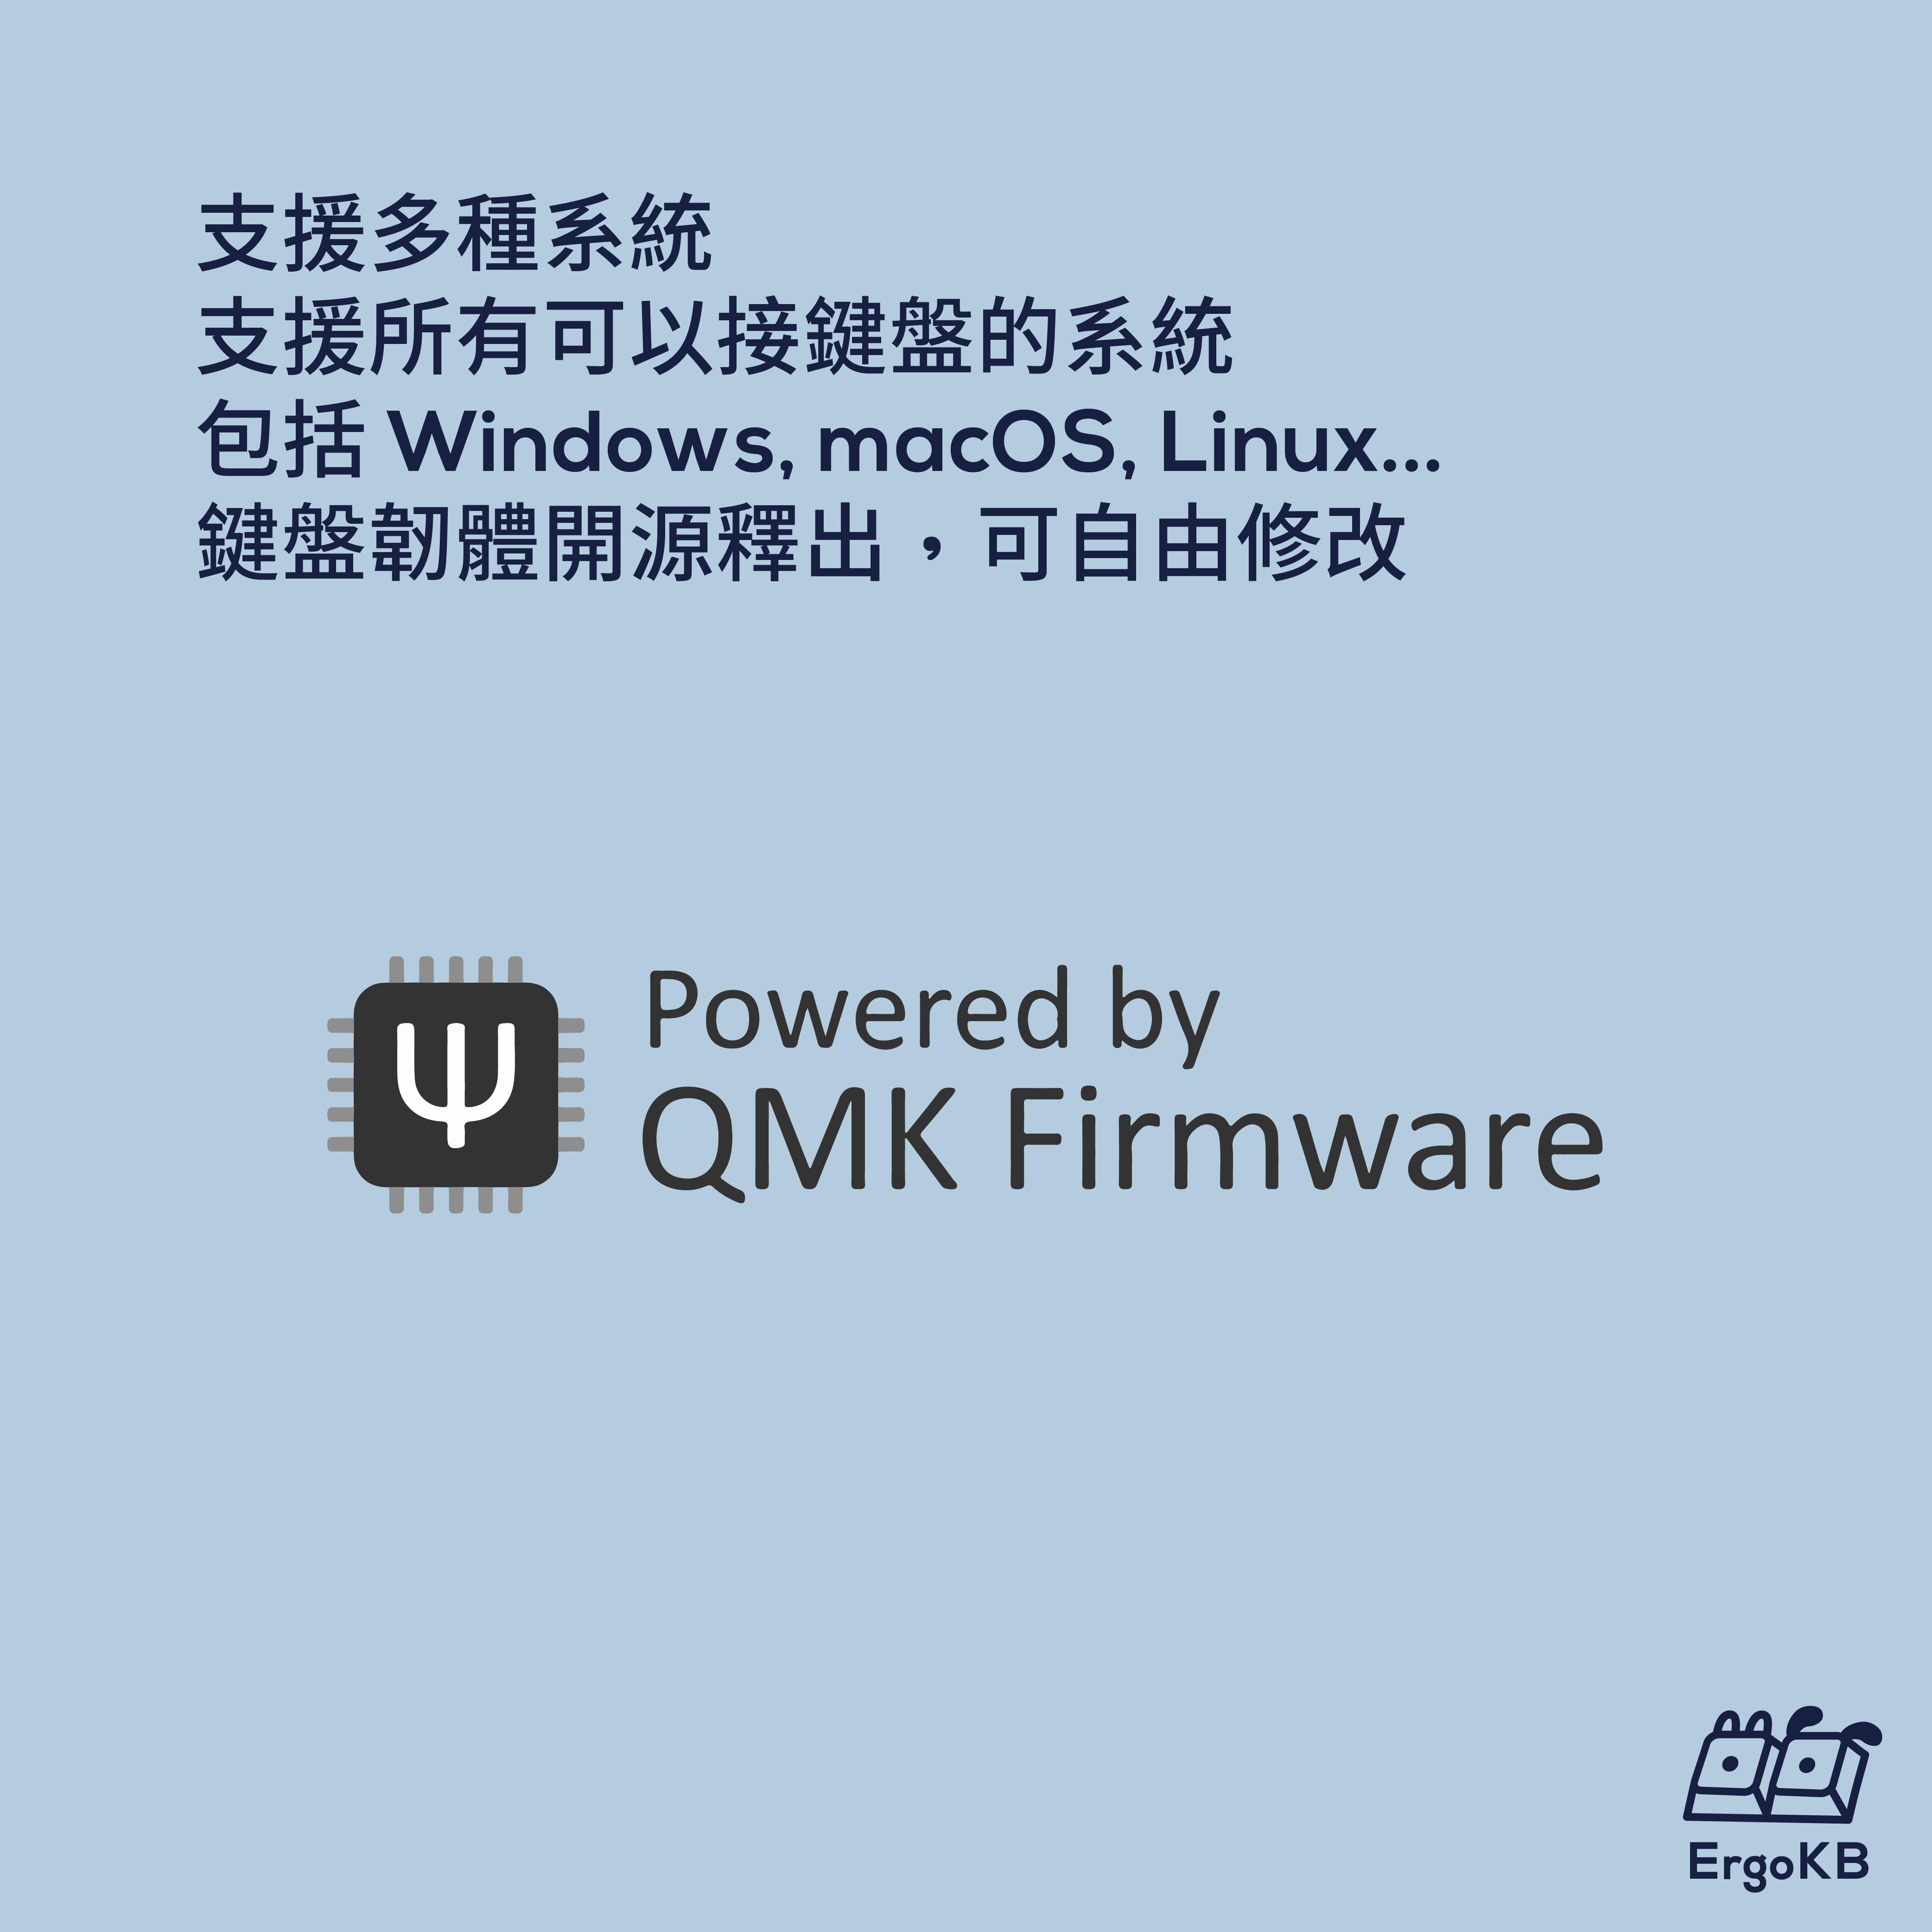 支援多種系統,支援所有可以接鍵盤的系統,包括 Windows, macOS, Linux...,鍵盤韌體開源釋出,可自由修改